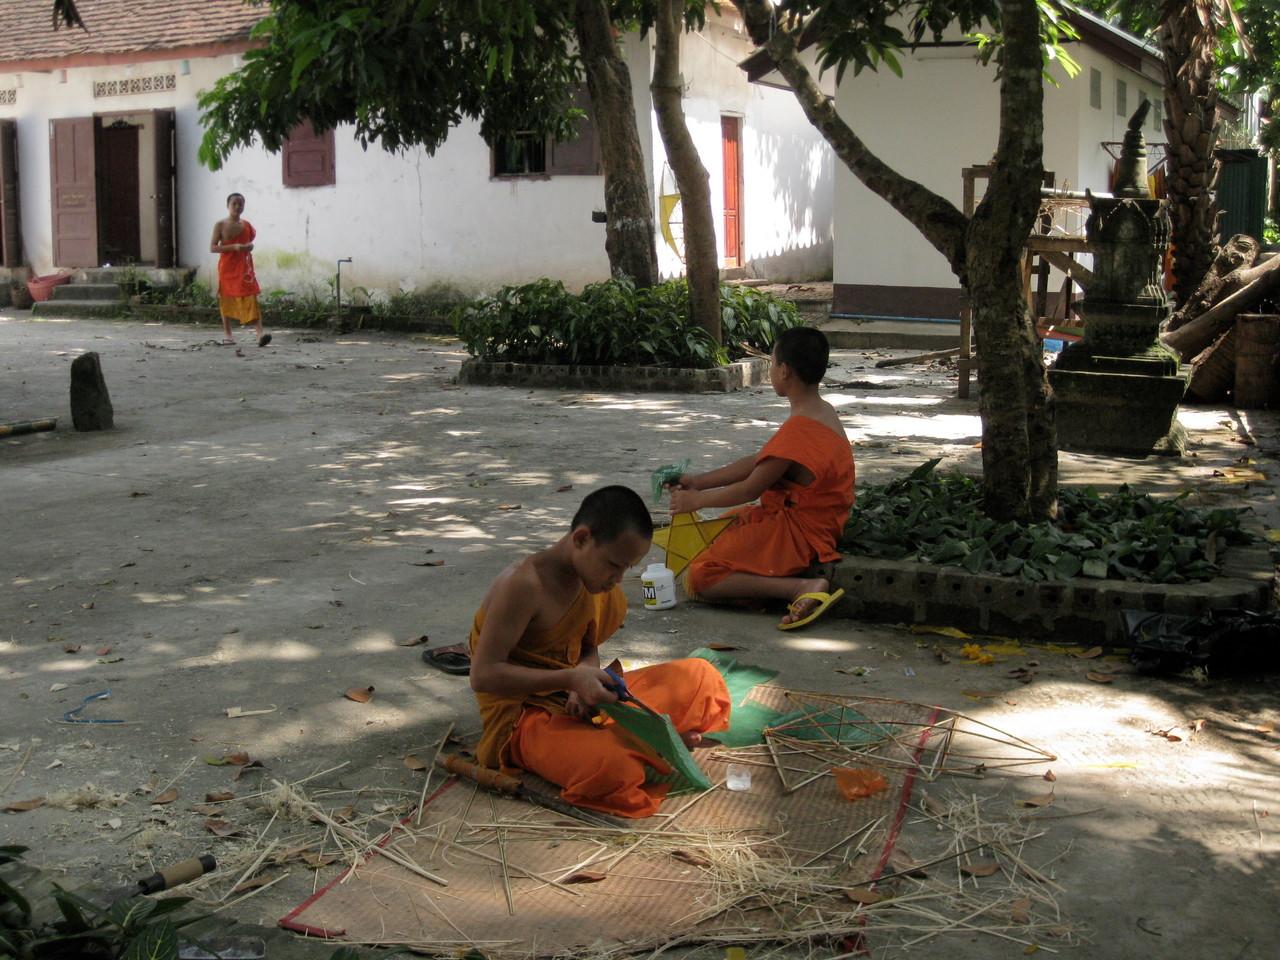 来月のお祭りのために飾りを作る修行僧。